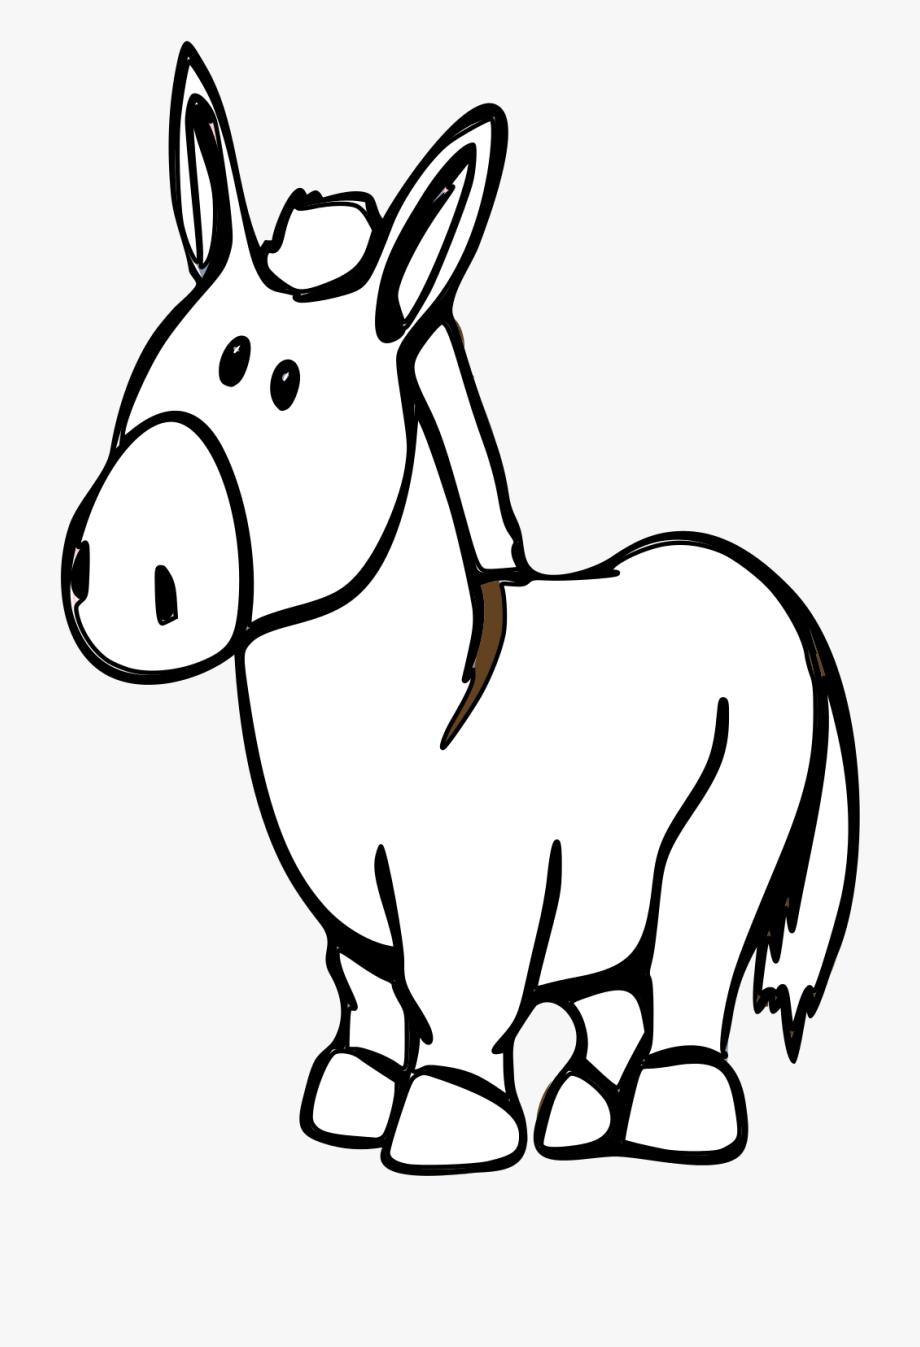 Donkey Clipart Easy.